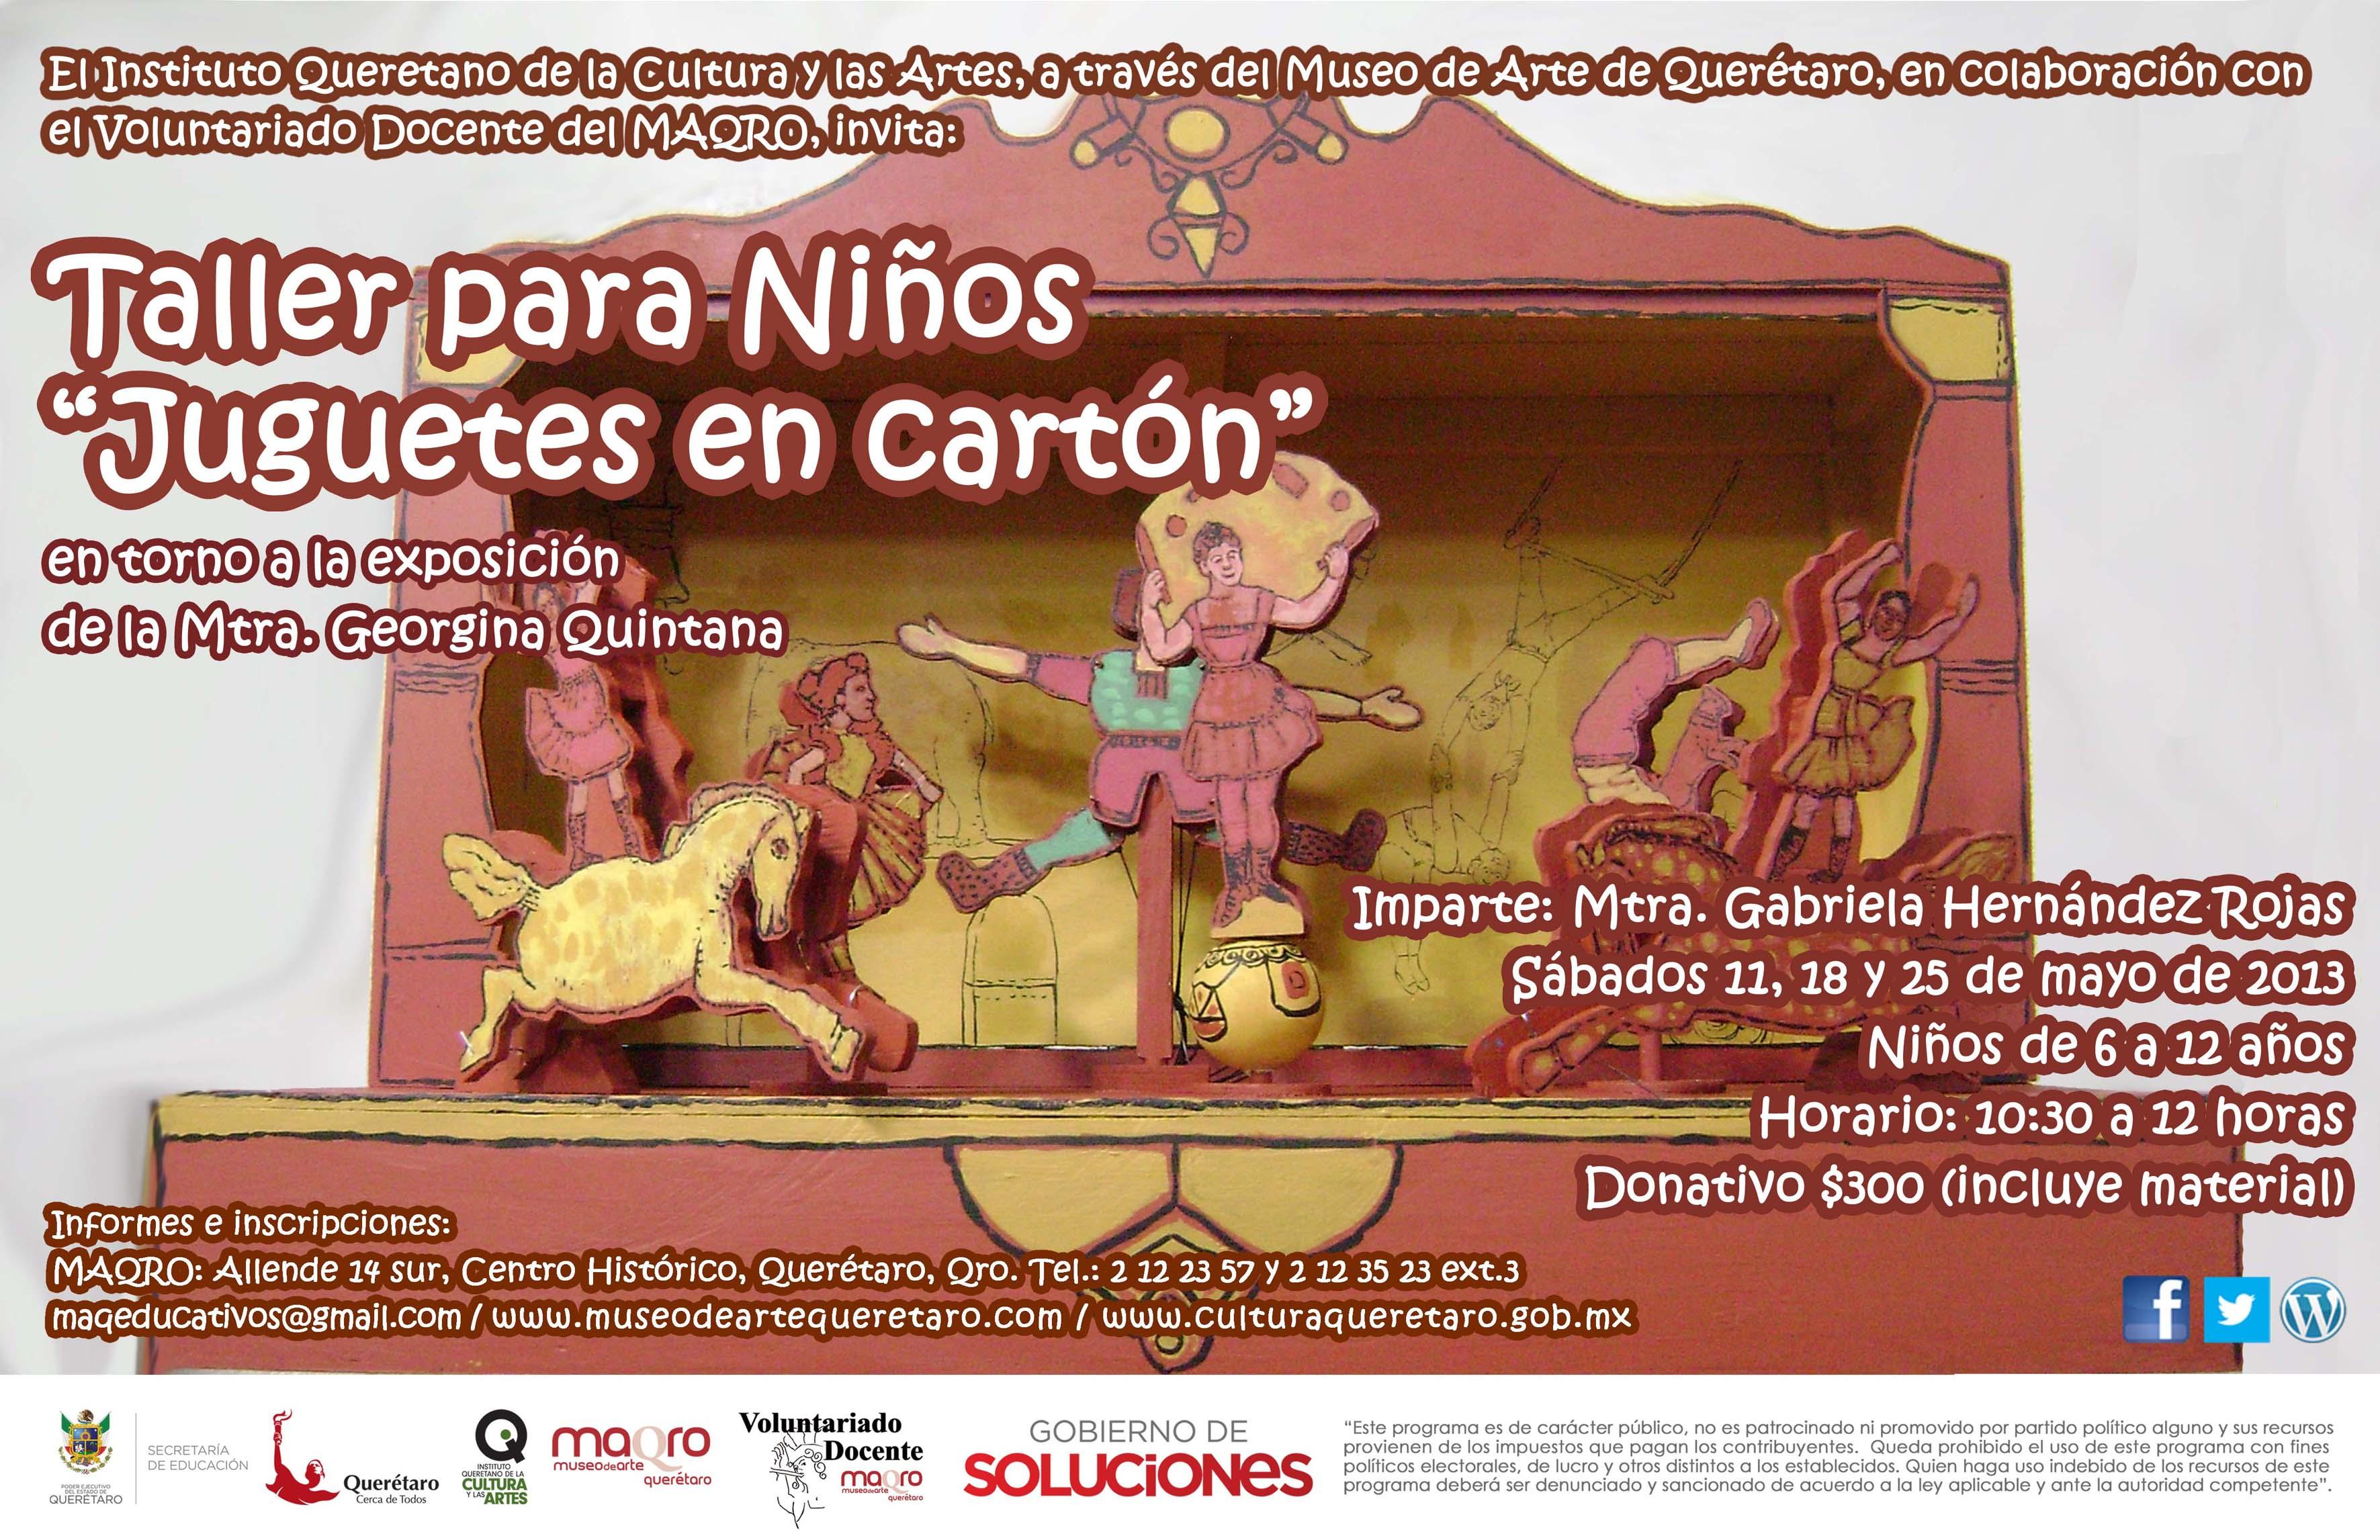 """El IQCA y el Museo de Arte de Querétaro invitan al Taller para Niños """"Juguetes de Cartón"""""""